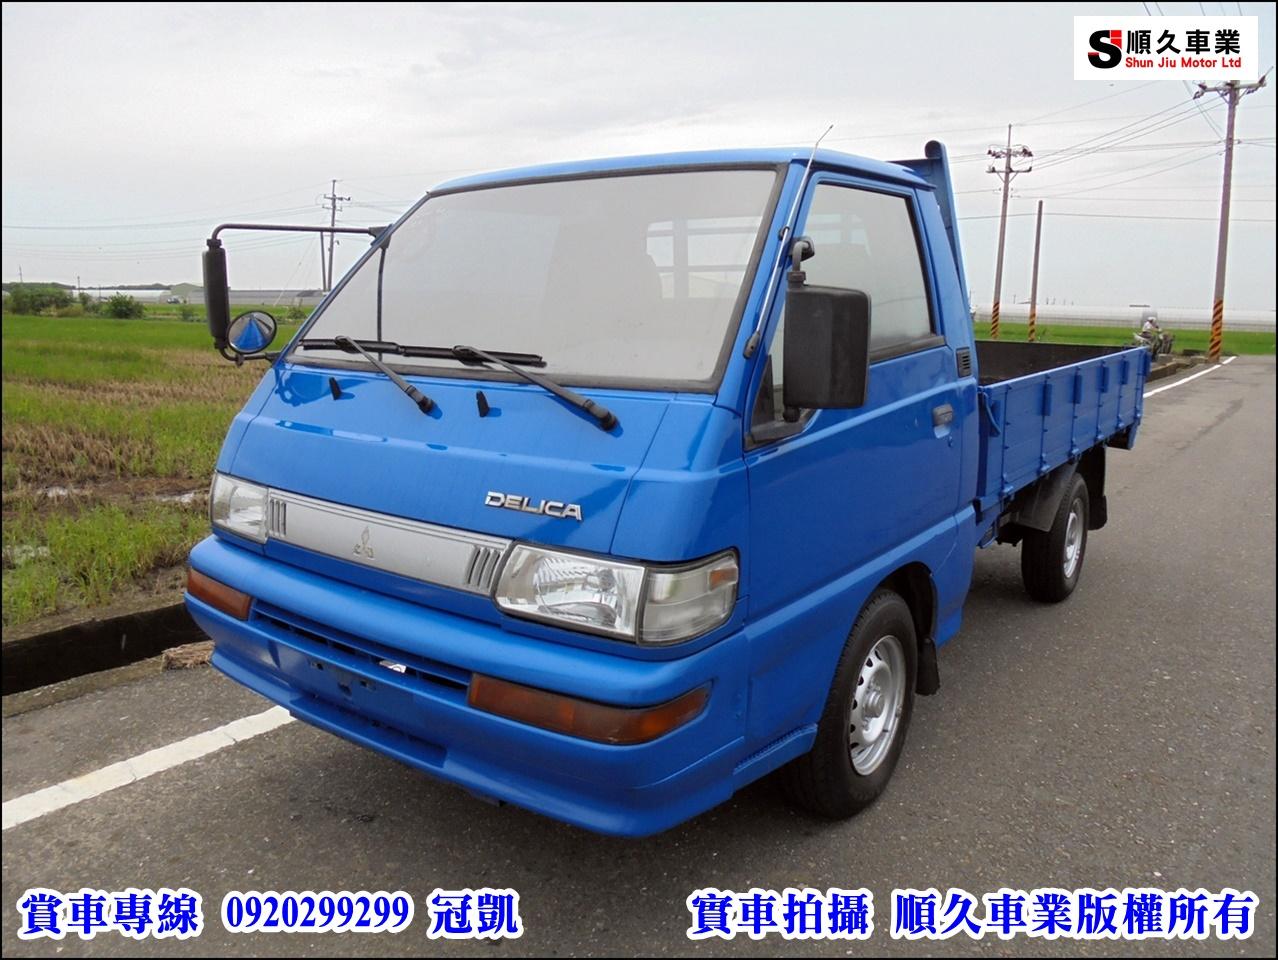 2000 Mitsubishi 商用車